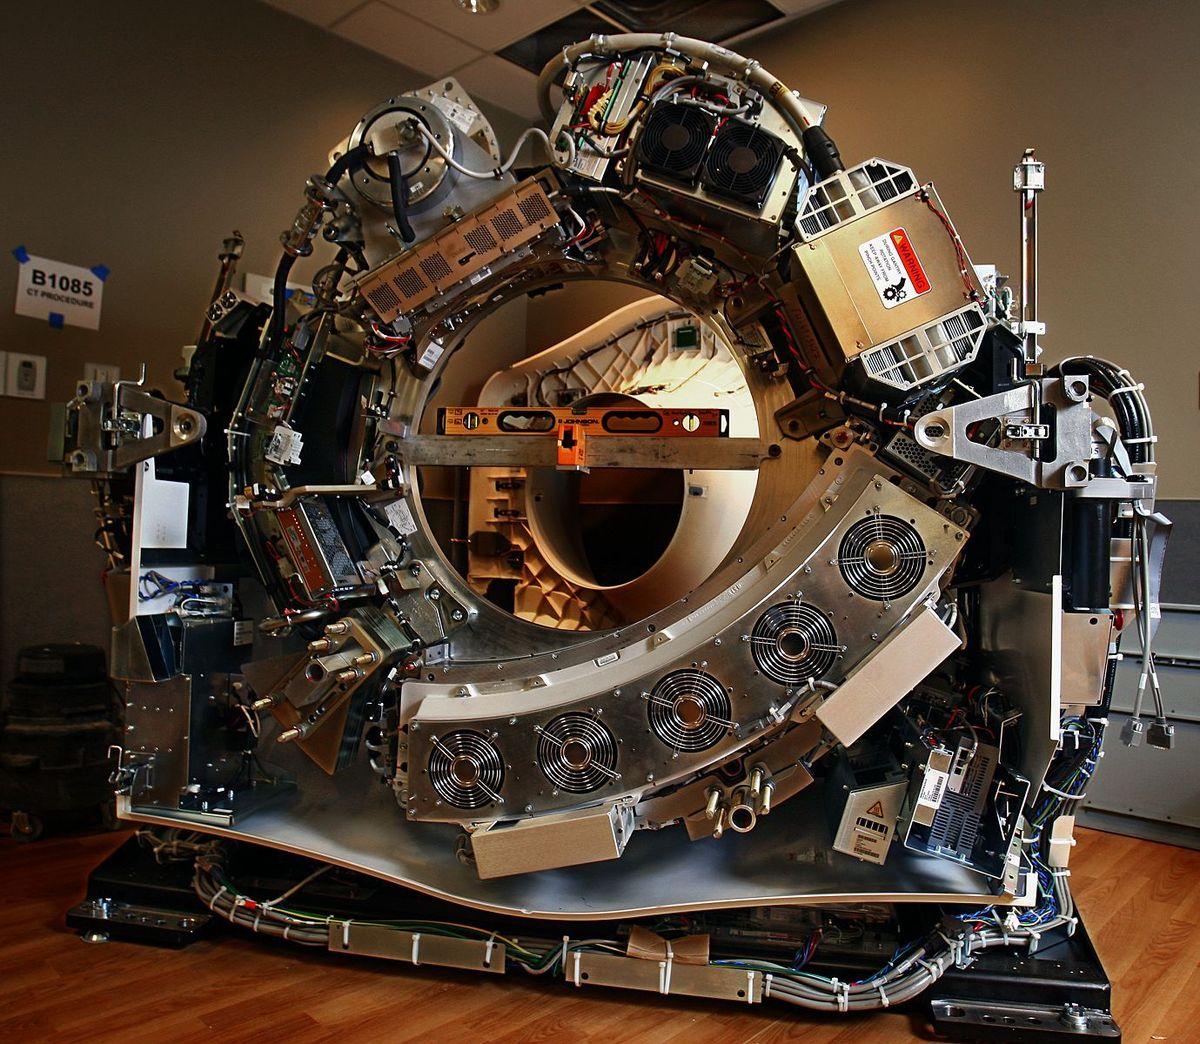 tranformer/CT scanner